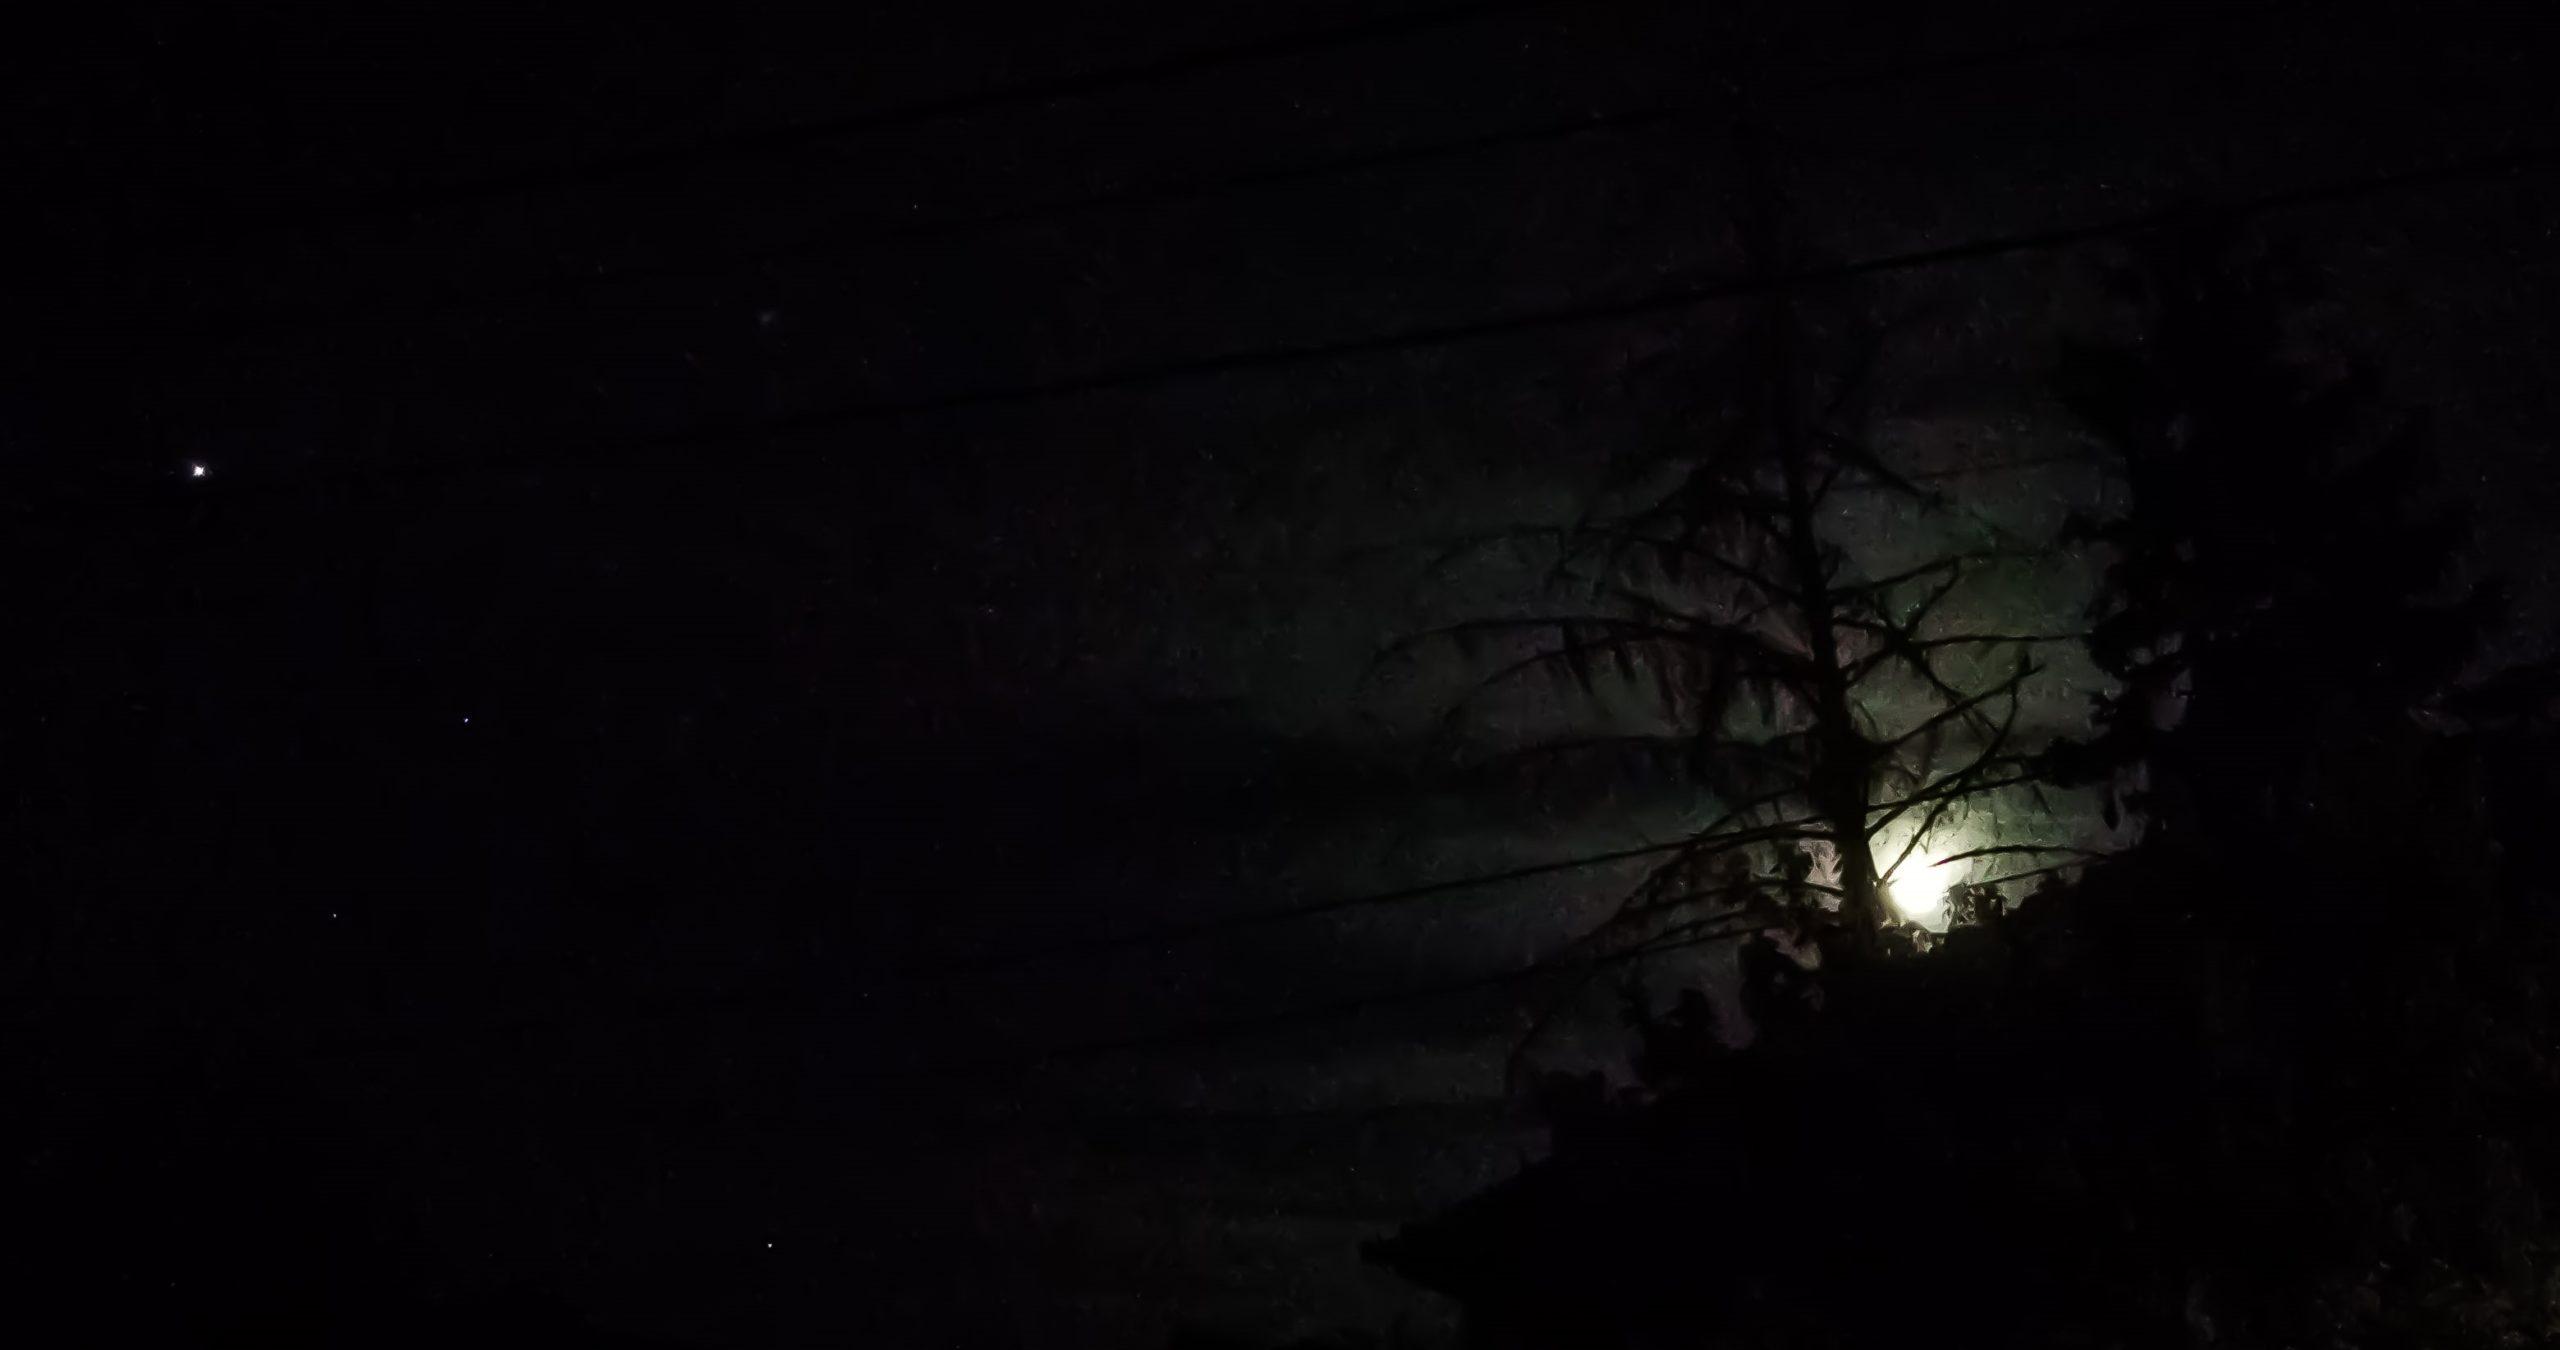 telihol fák között, homályos, félelmetes, sötét kép